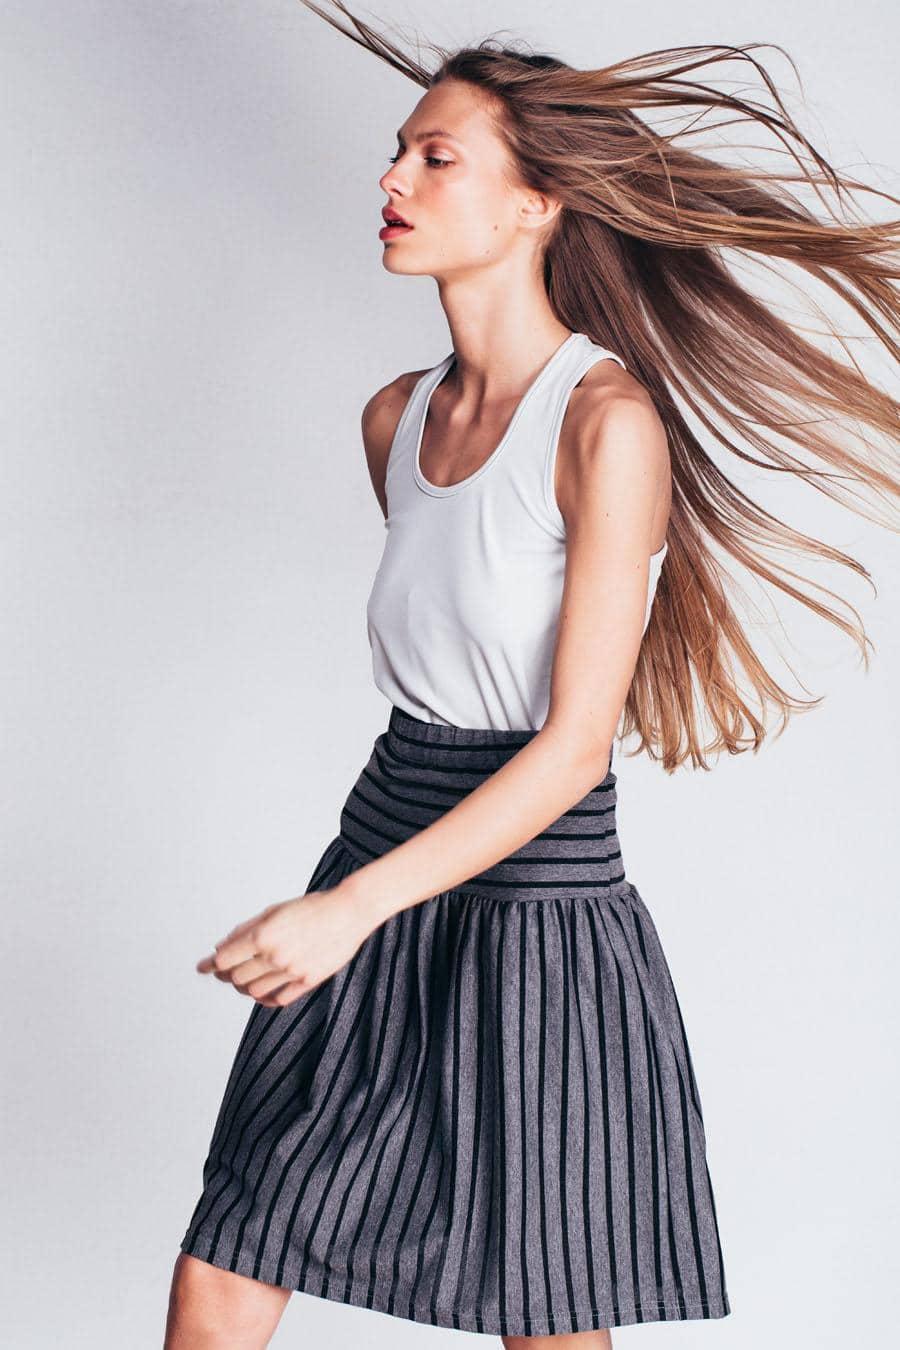 jagger zenska suknja kolekcija prolece leto 2021 ss 2021 kupi online jg 5512 19 3